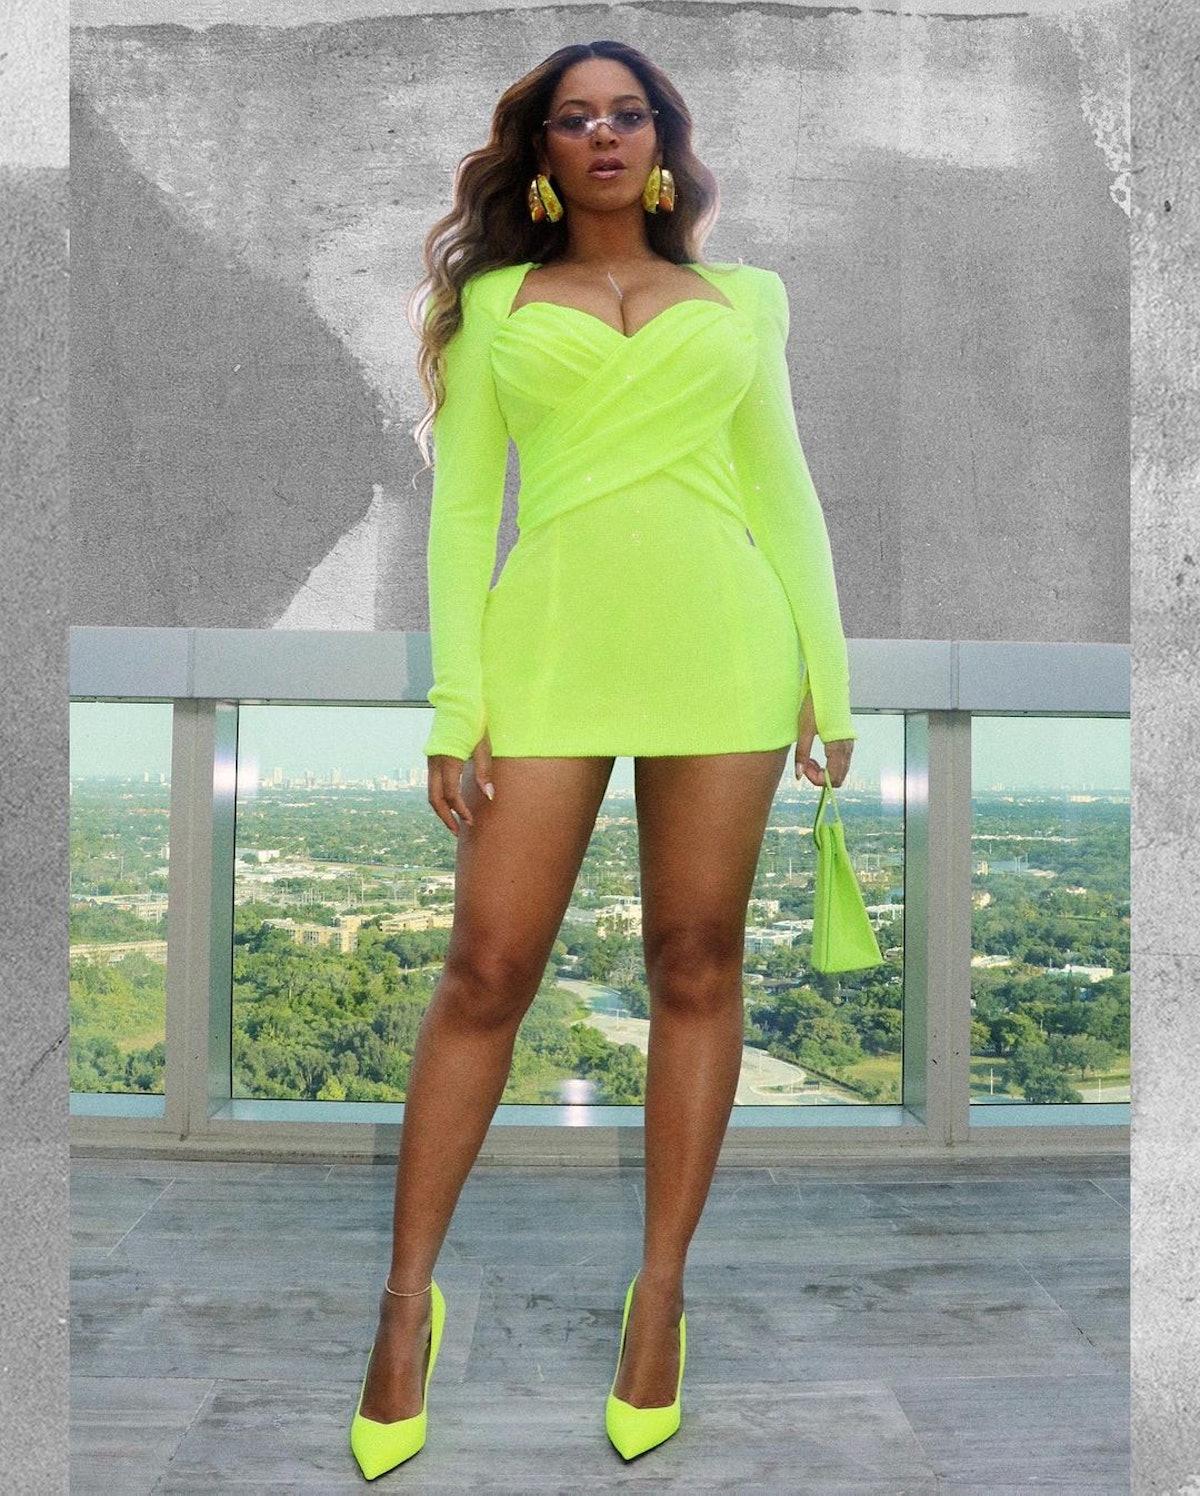 Beyoncé wearing lime green